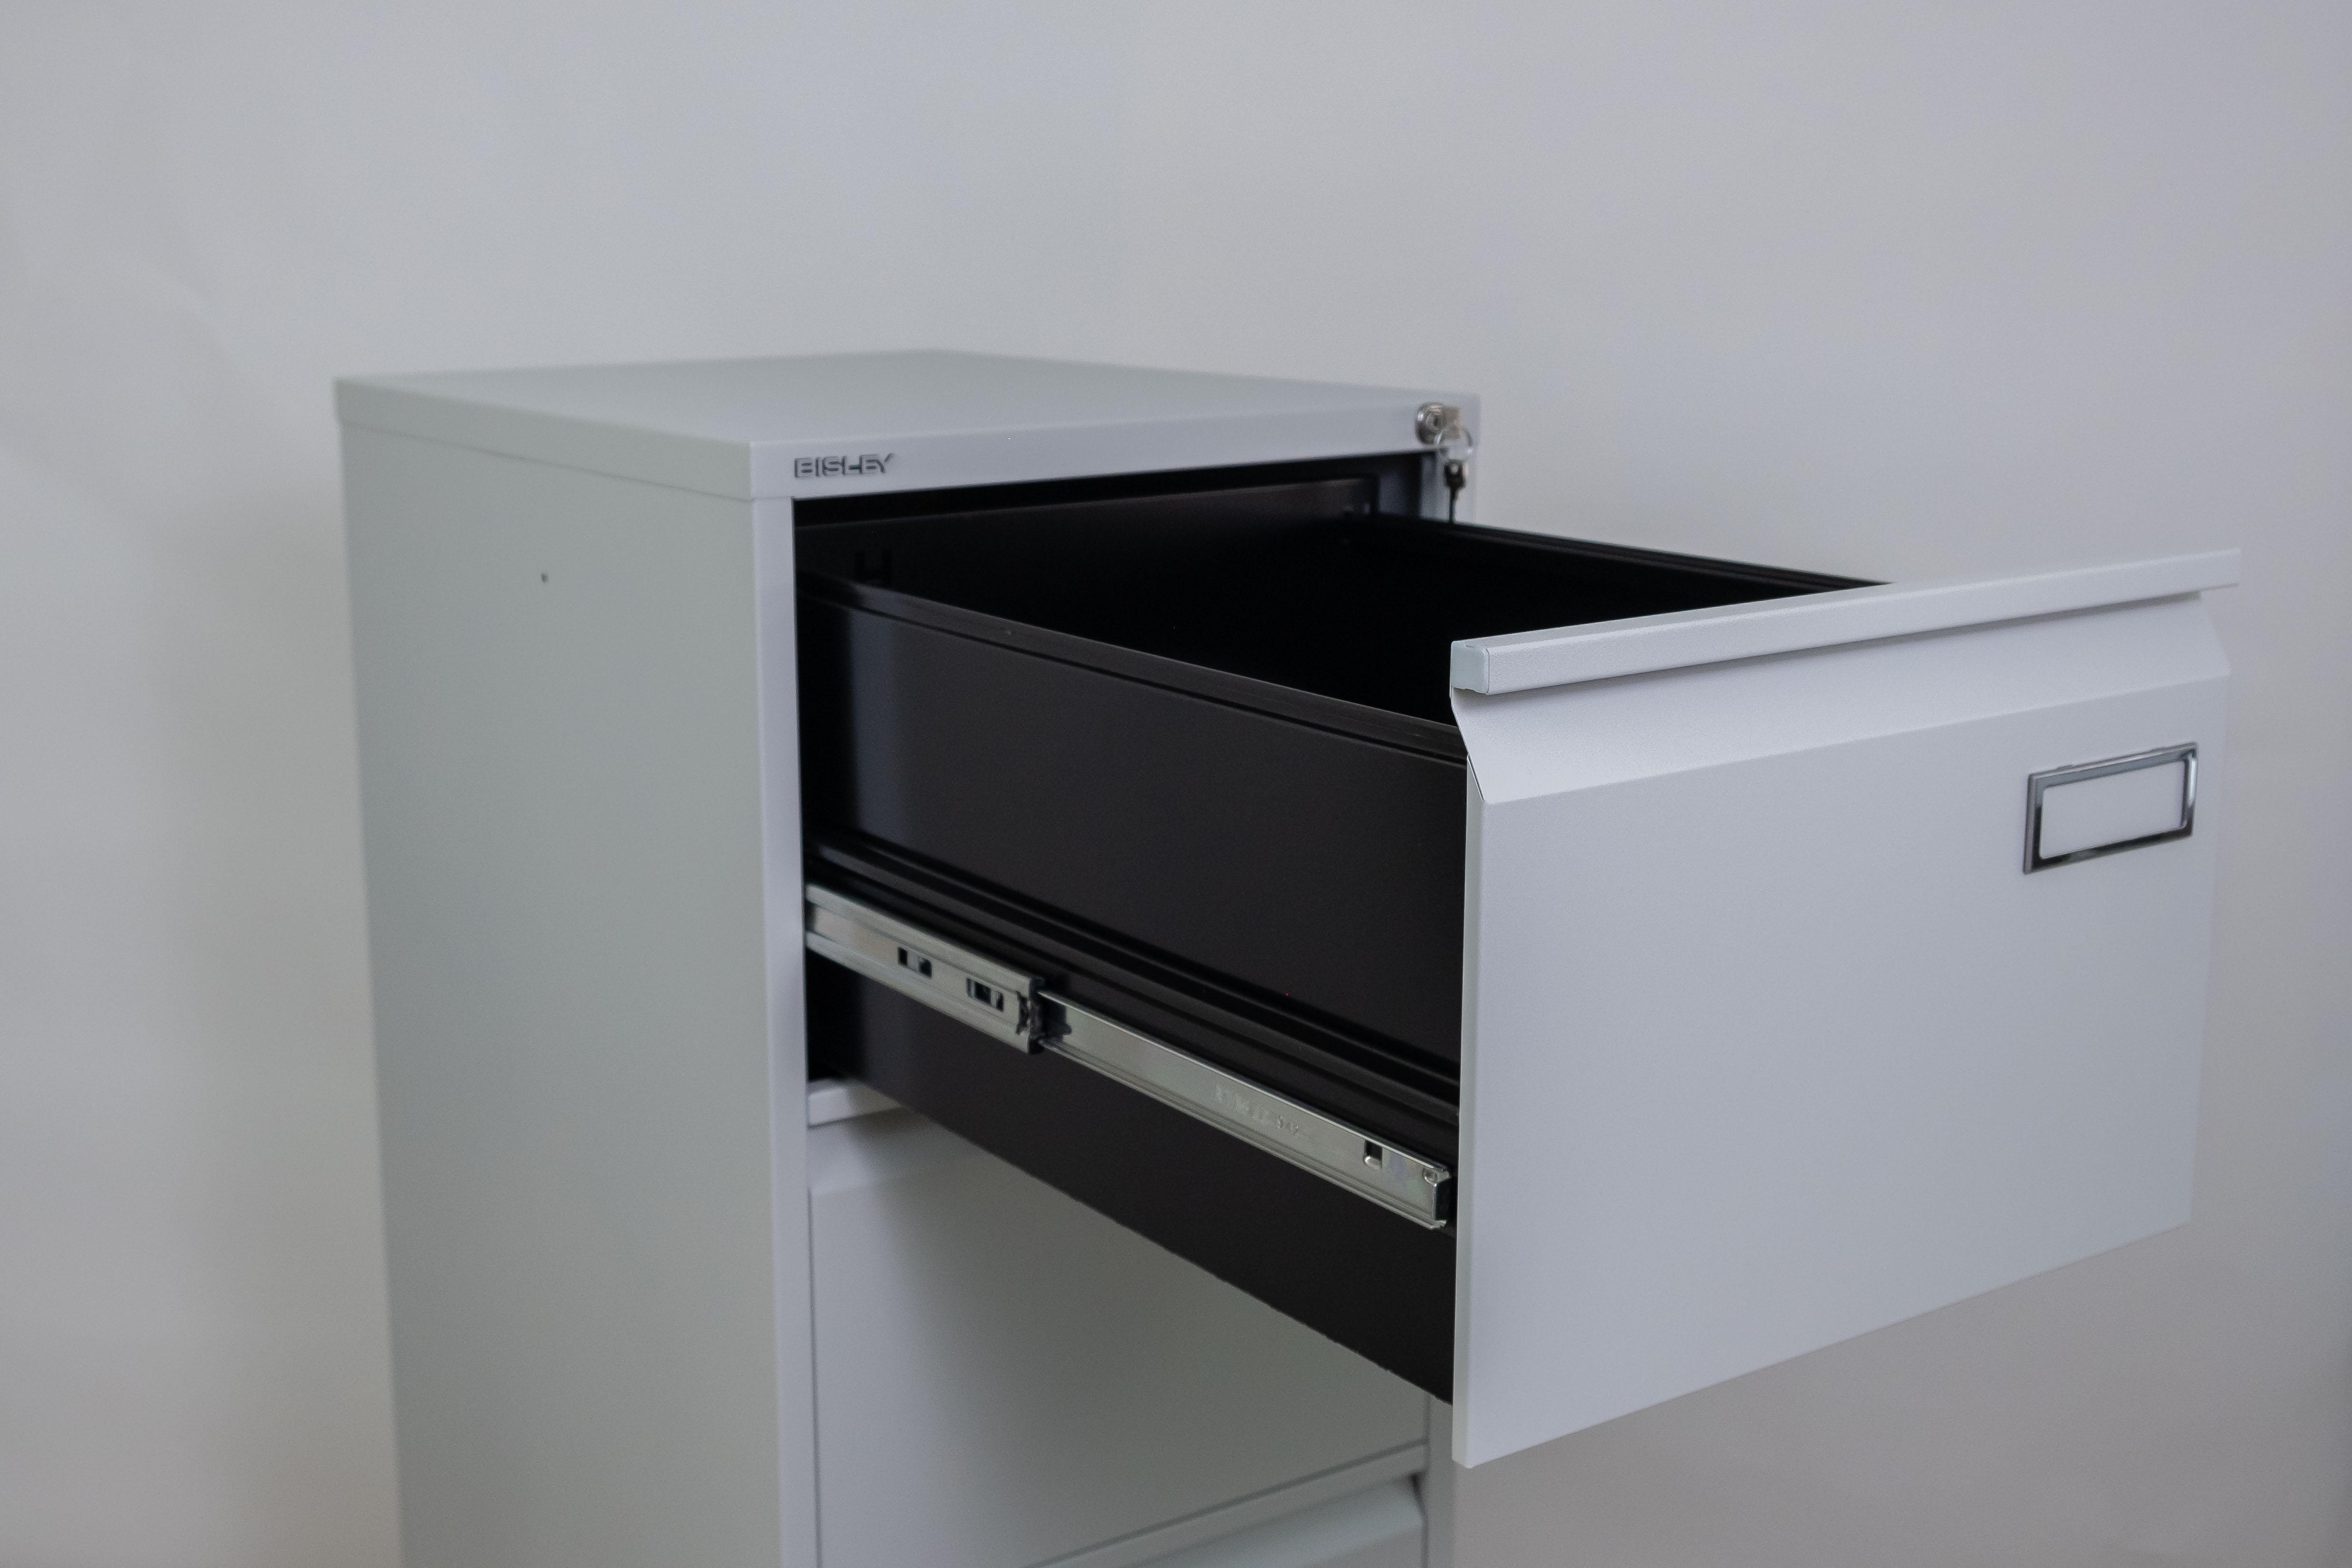 DSCF9973-1.jpg